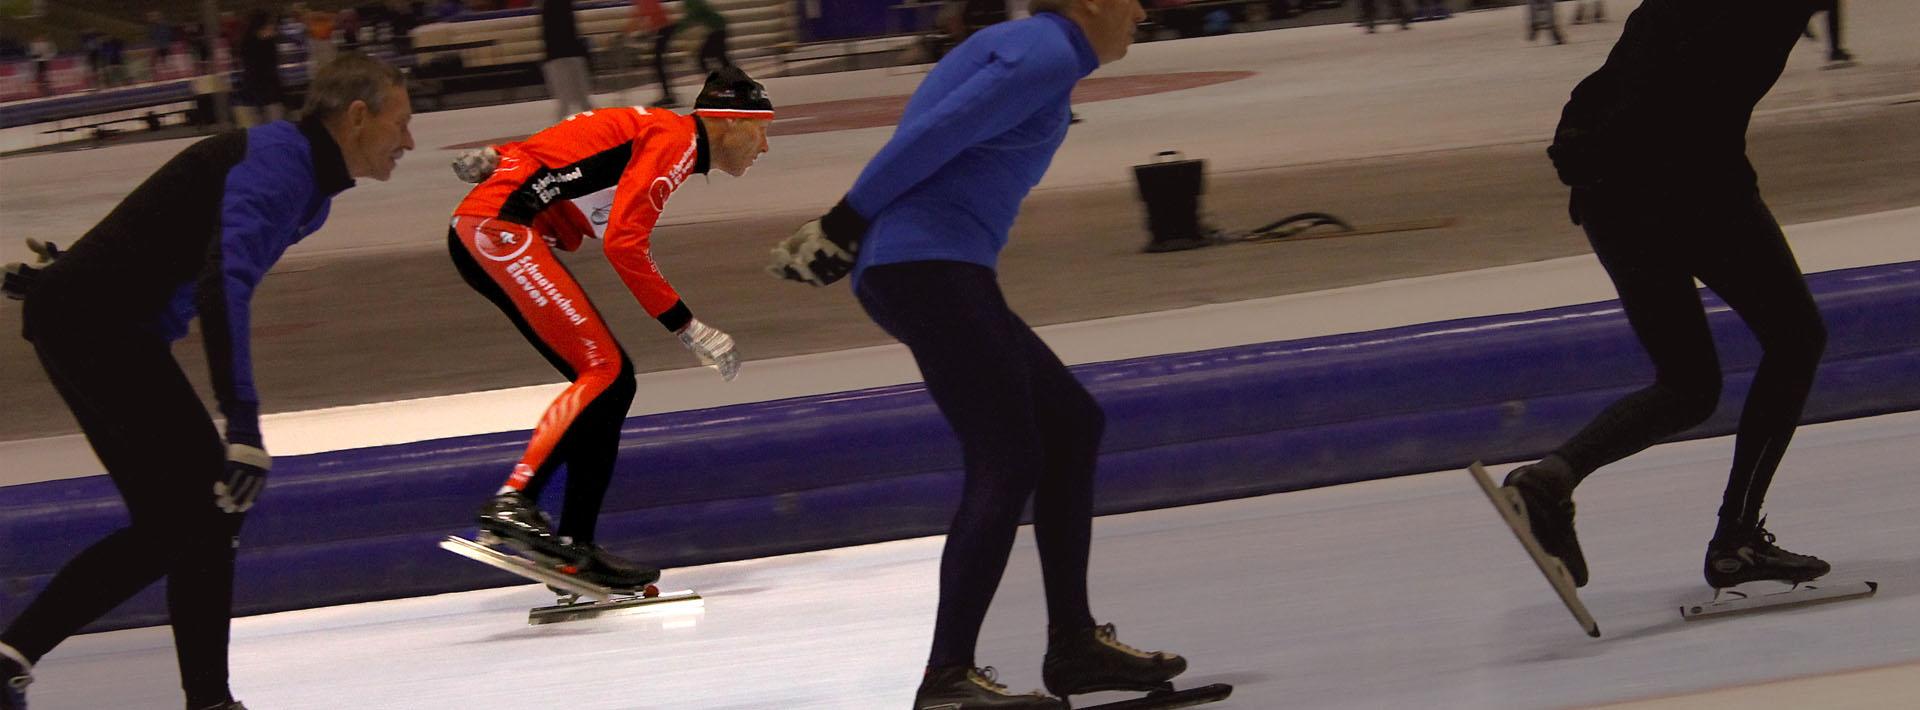 Schaatsschool-Personal Training-Friesland-Leeuwarden-schaatsles-schaatstraining-2